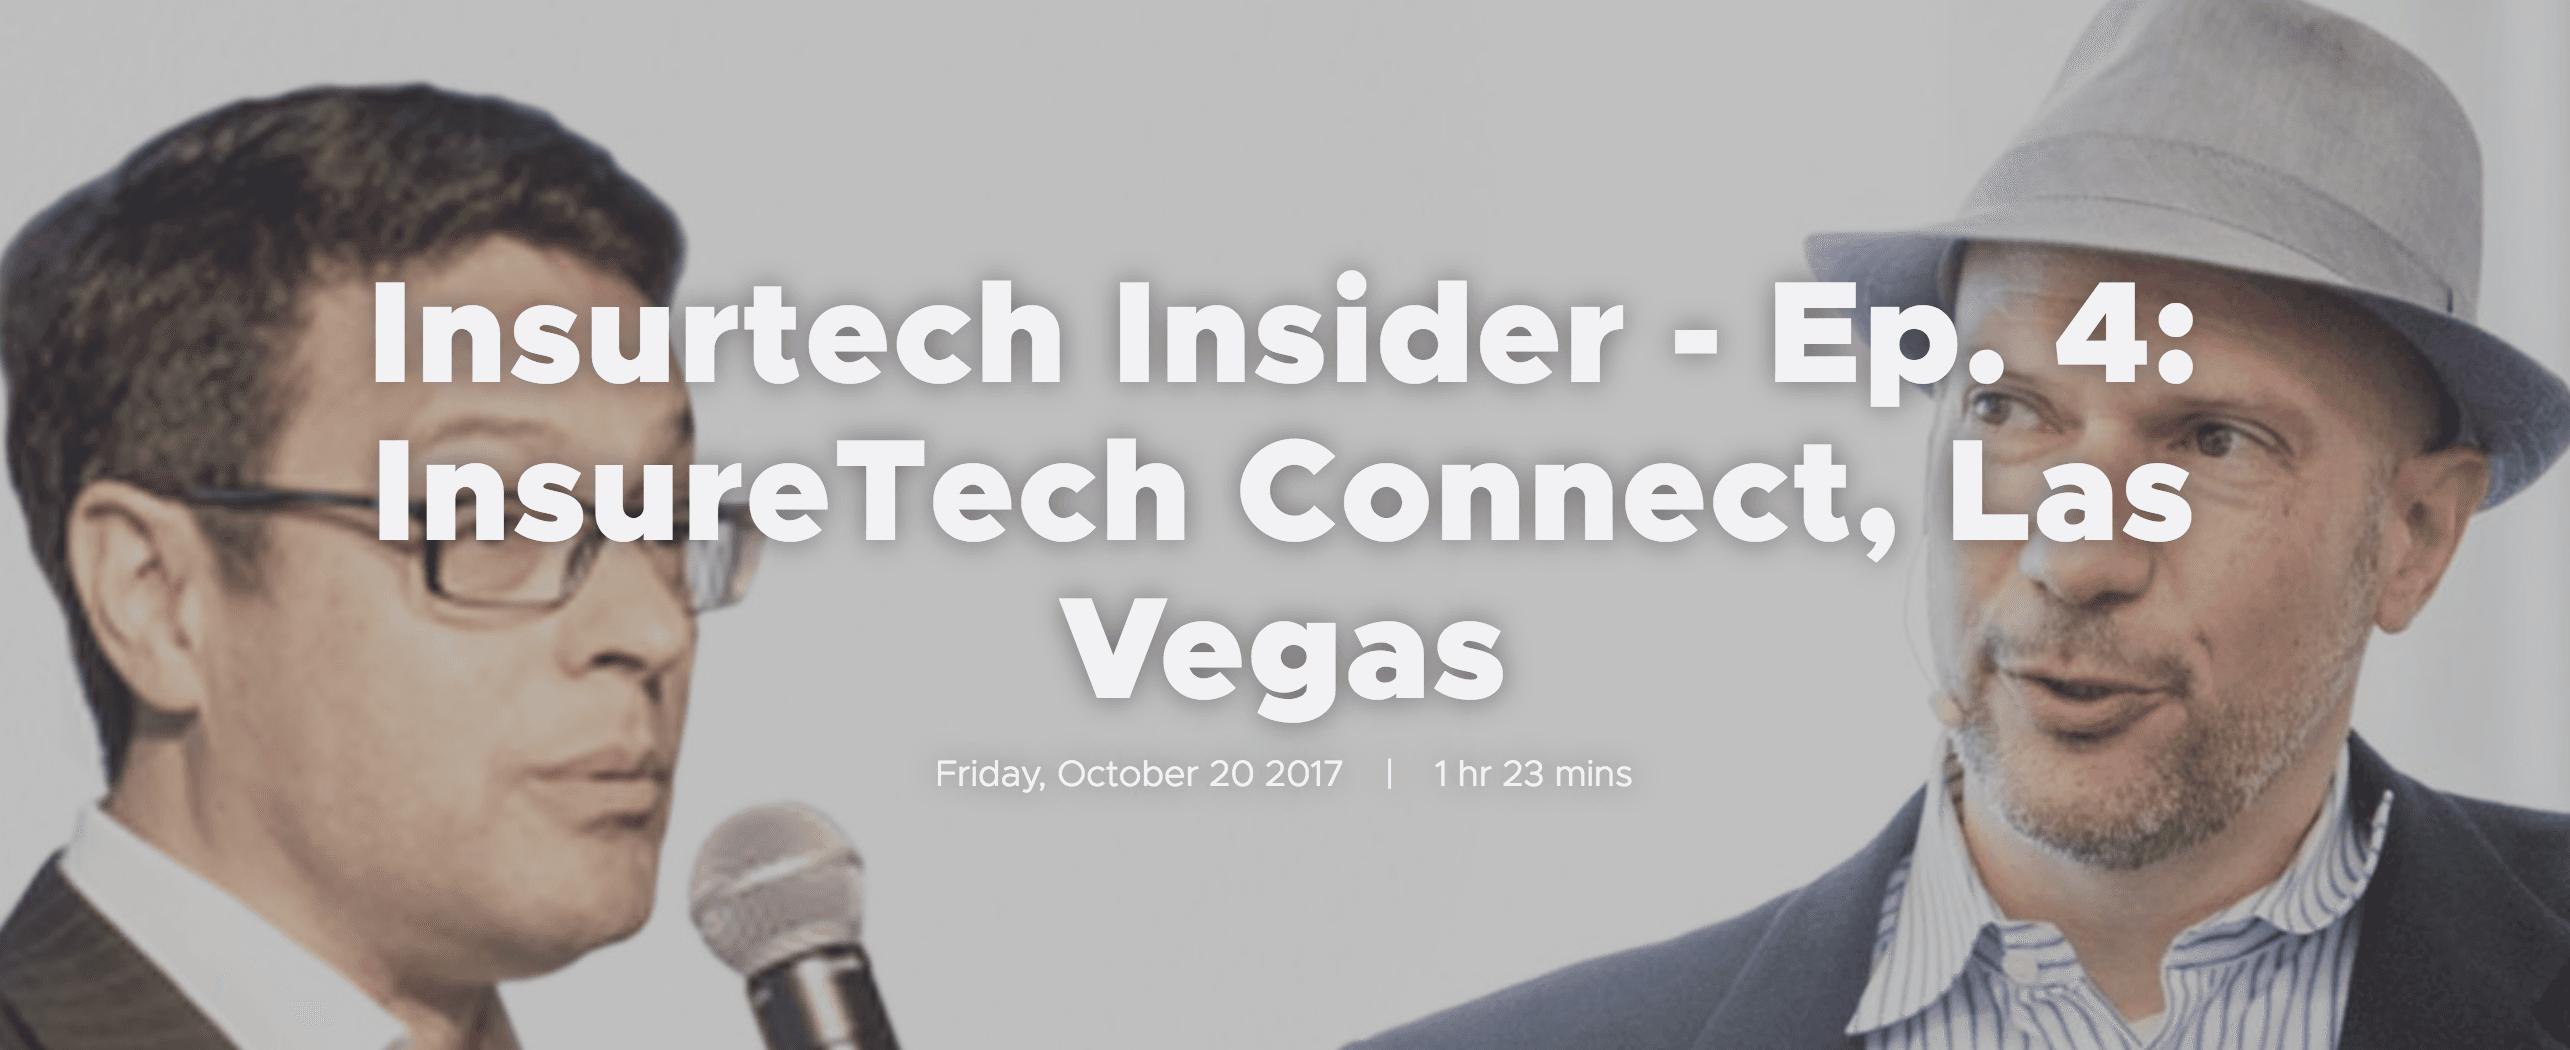 Listen to Insurtech Insider - Ep. 4: InsureTech Connect, Las Vegas